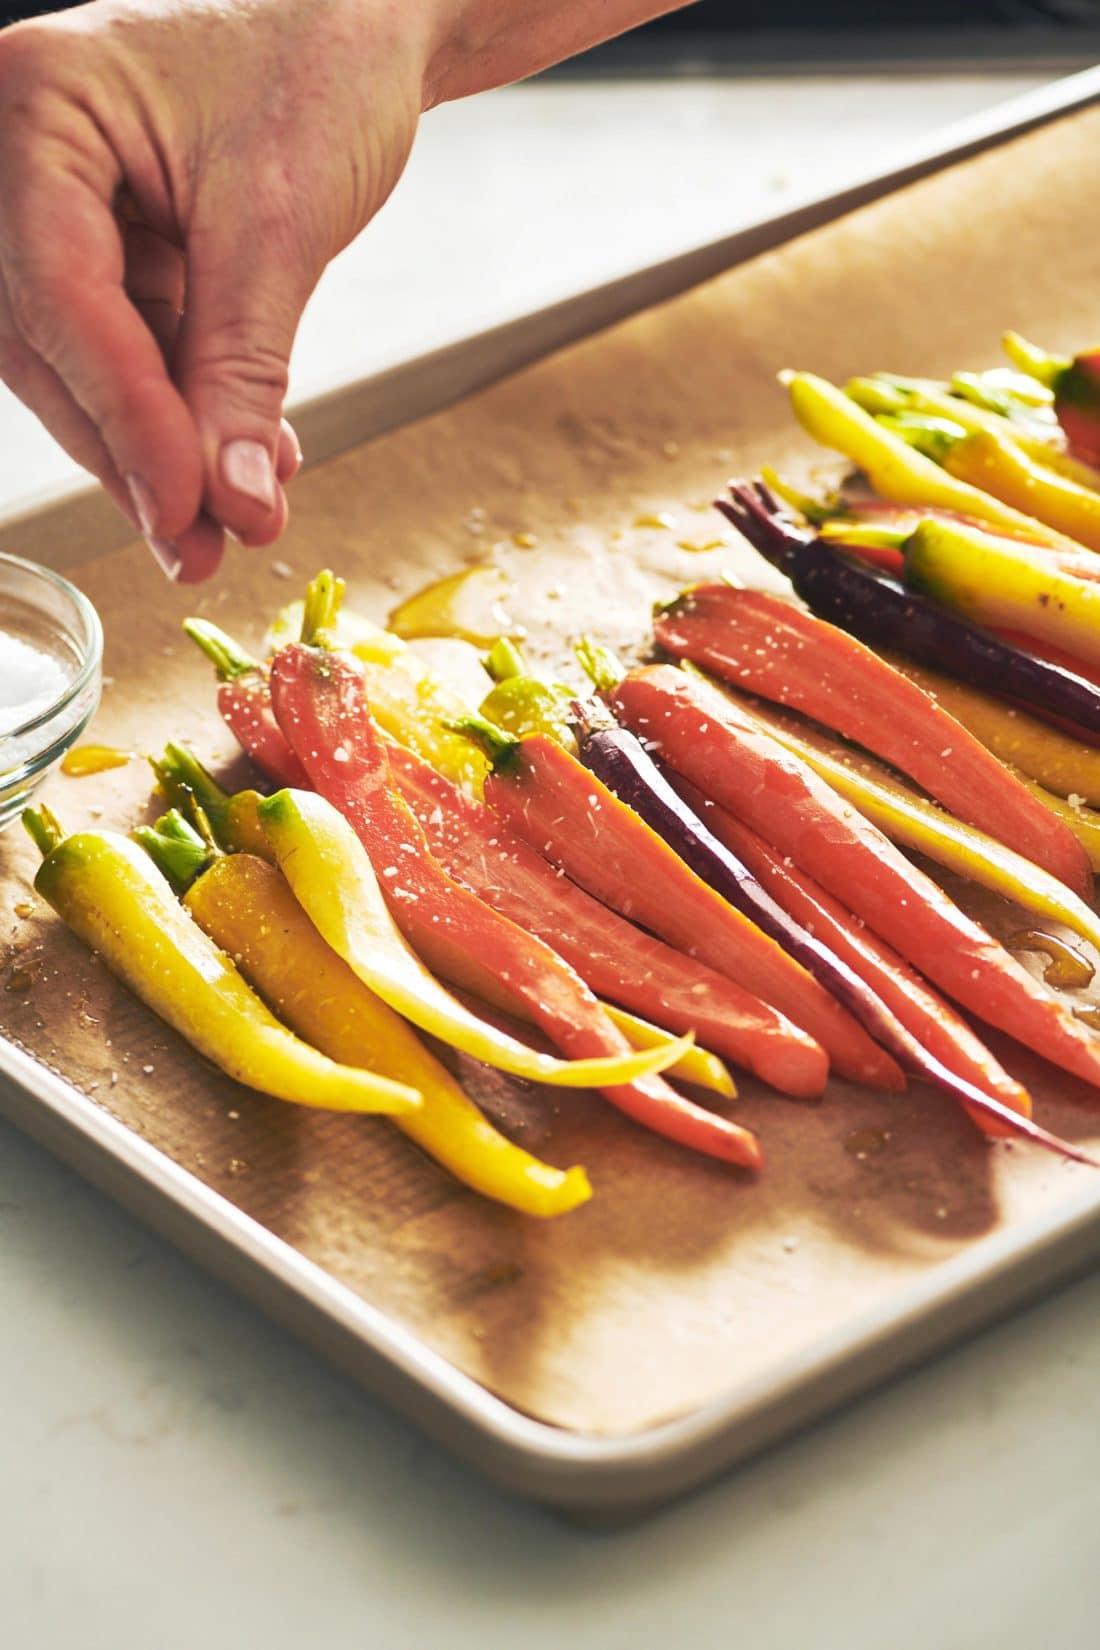 Sprinkling salt on carrots